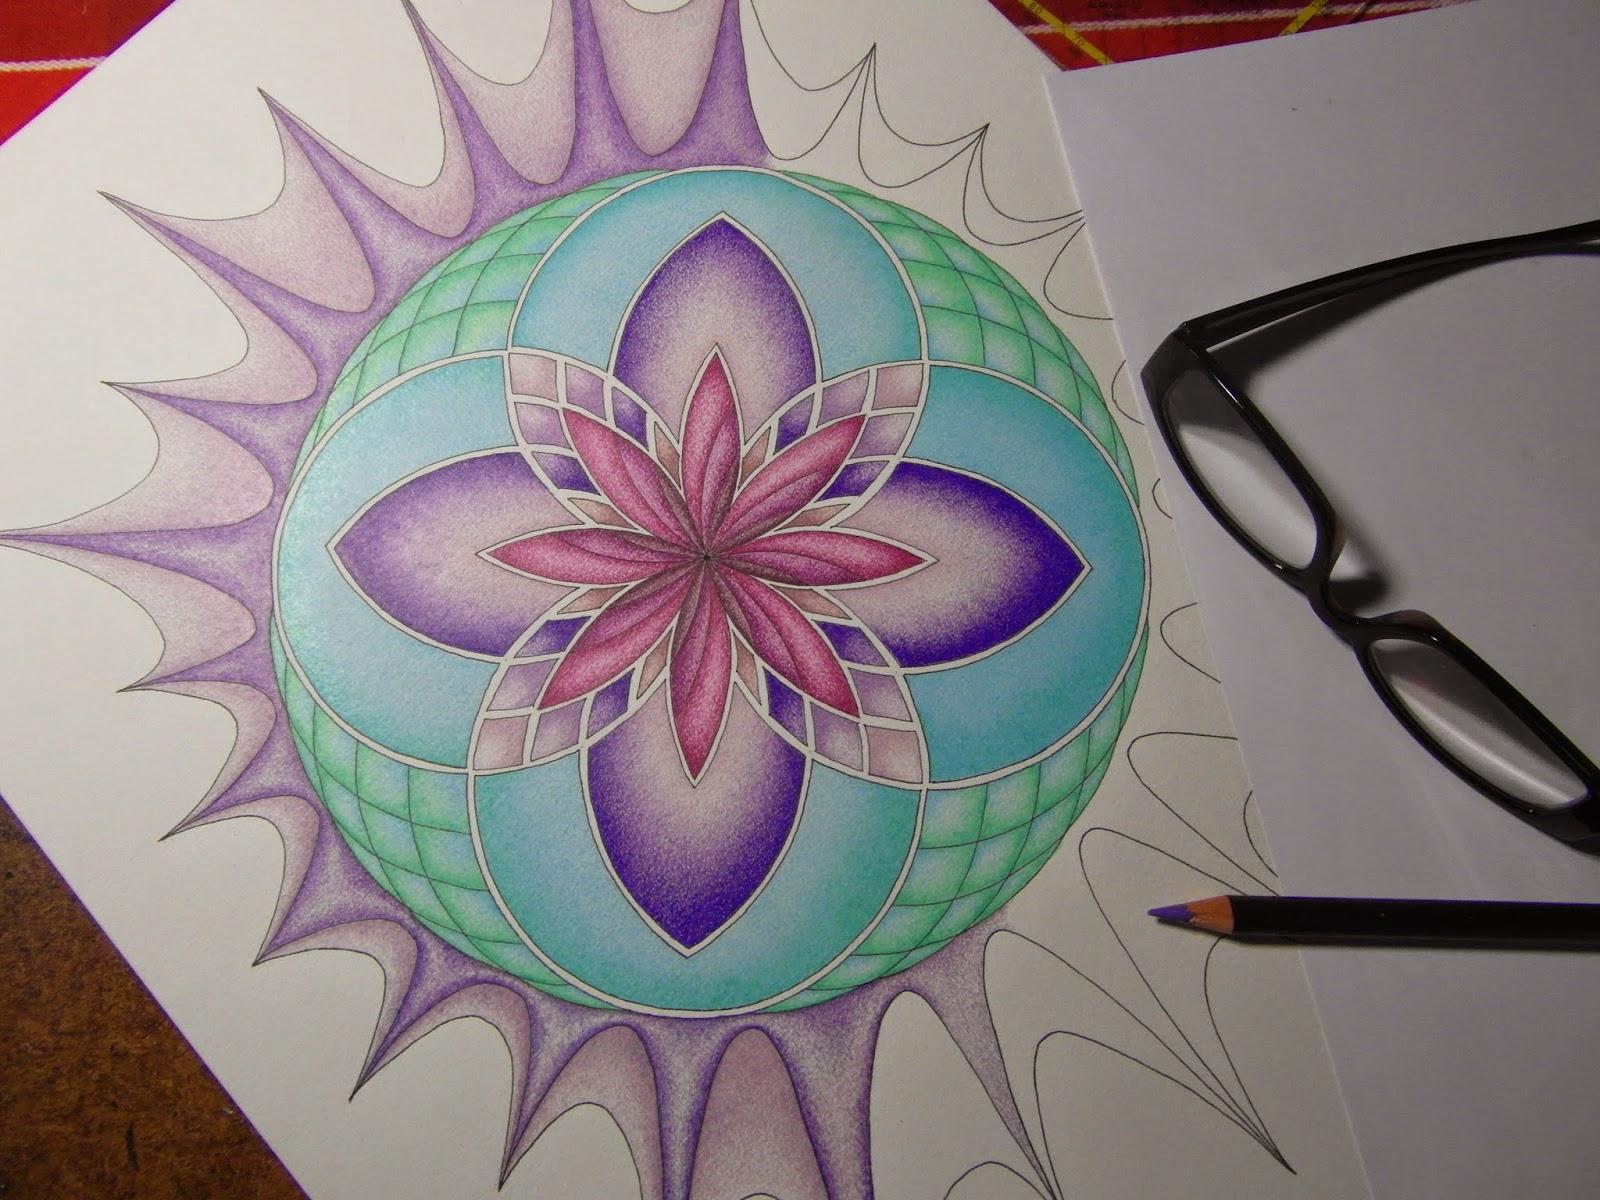 Meditatief Kleuren en Kleurtechniek, een tipje van de sluier opgelicht